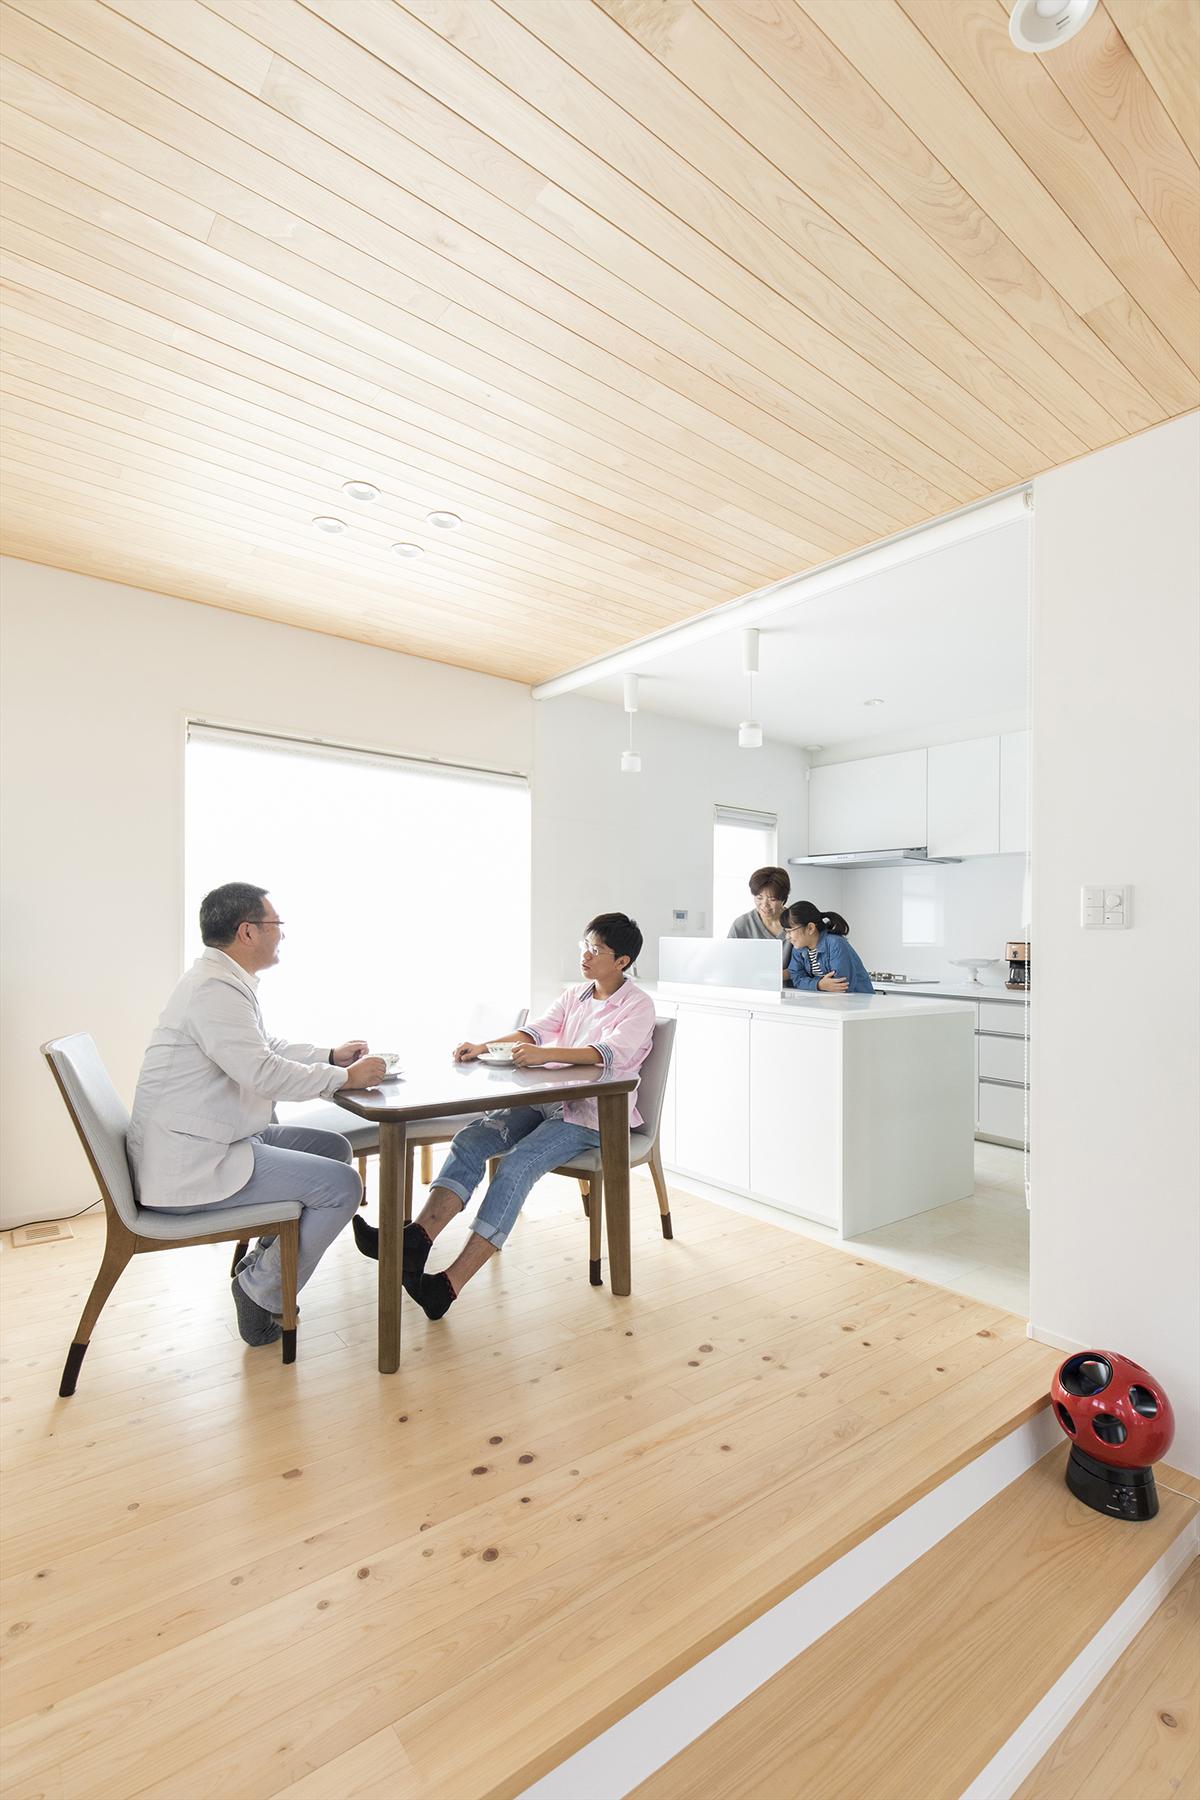 天井や床など、ふんだんに天然素材を活かしたLDK。ご家族の団欒を引き立てる採光性の高い空間づくりになっています。